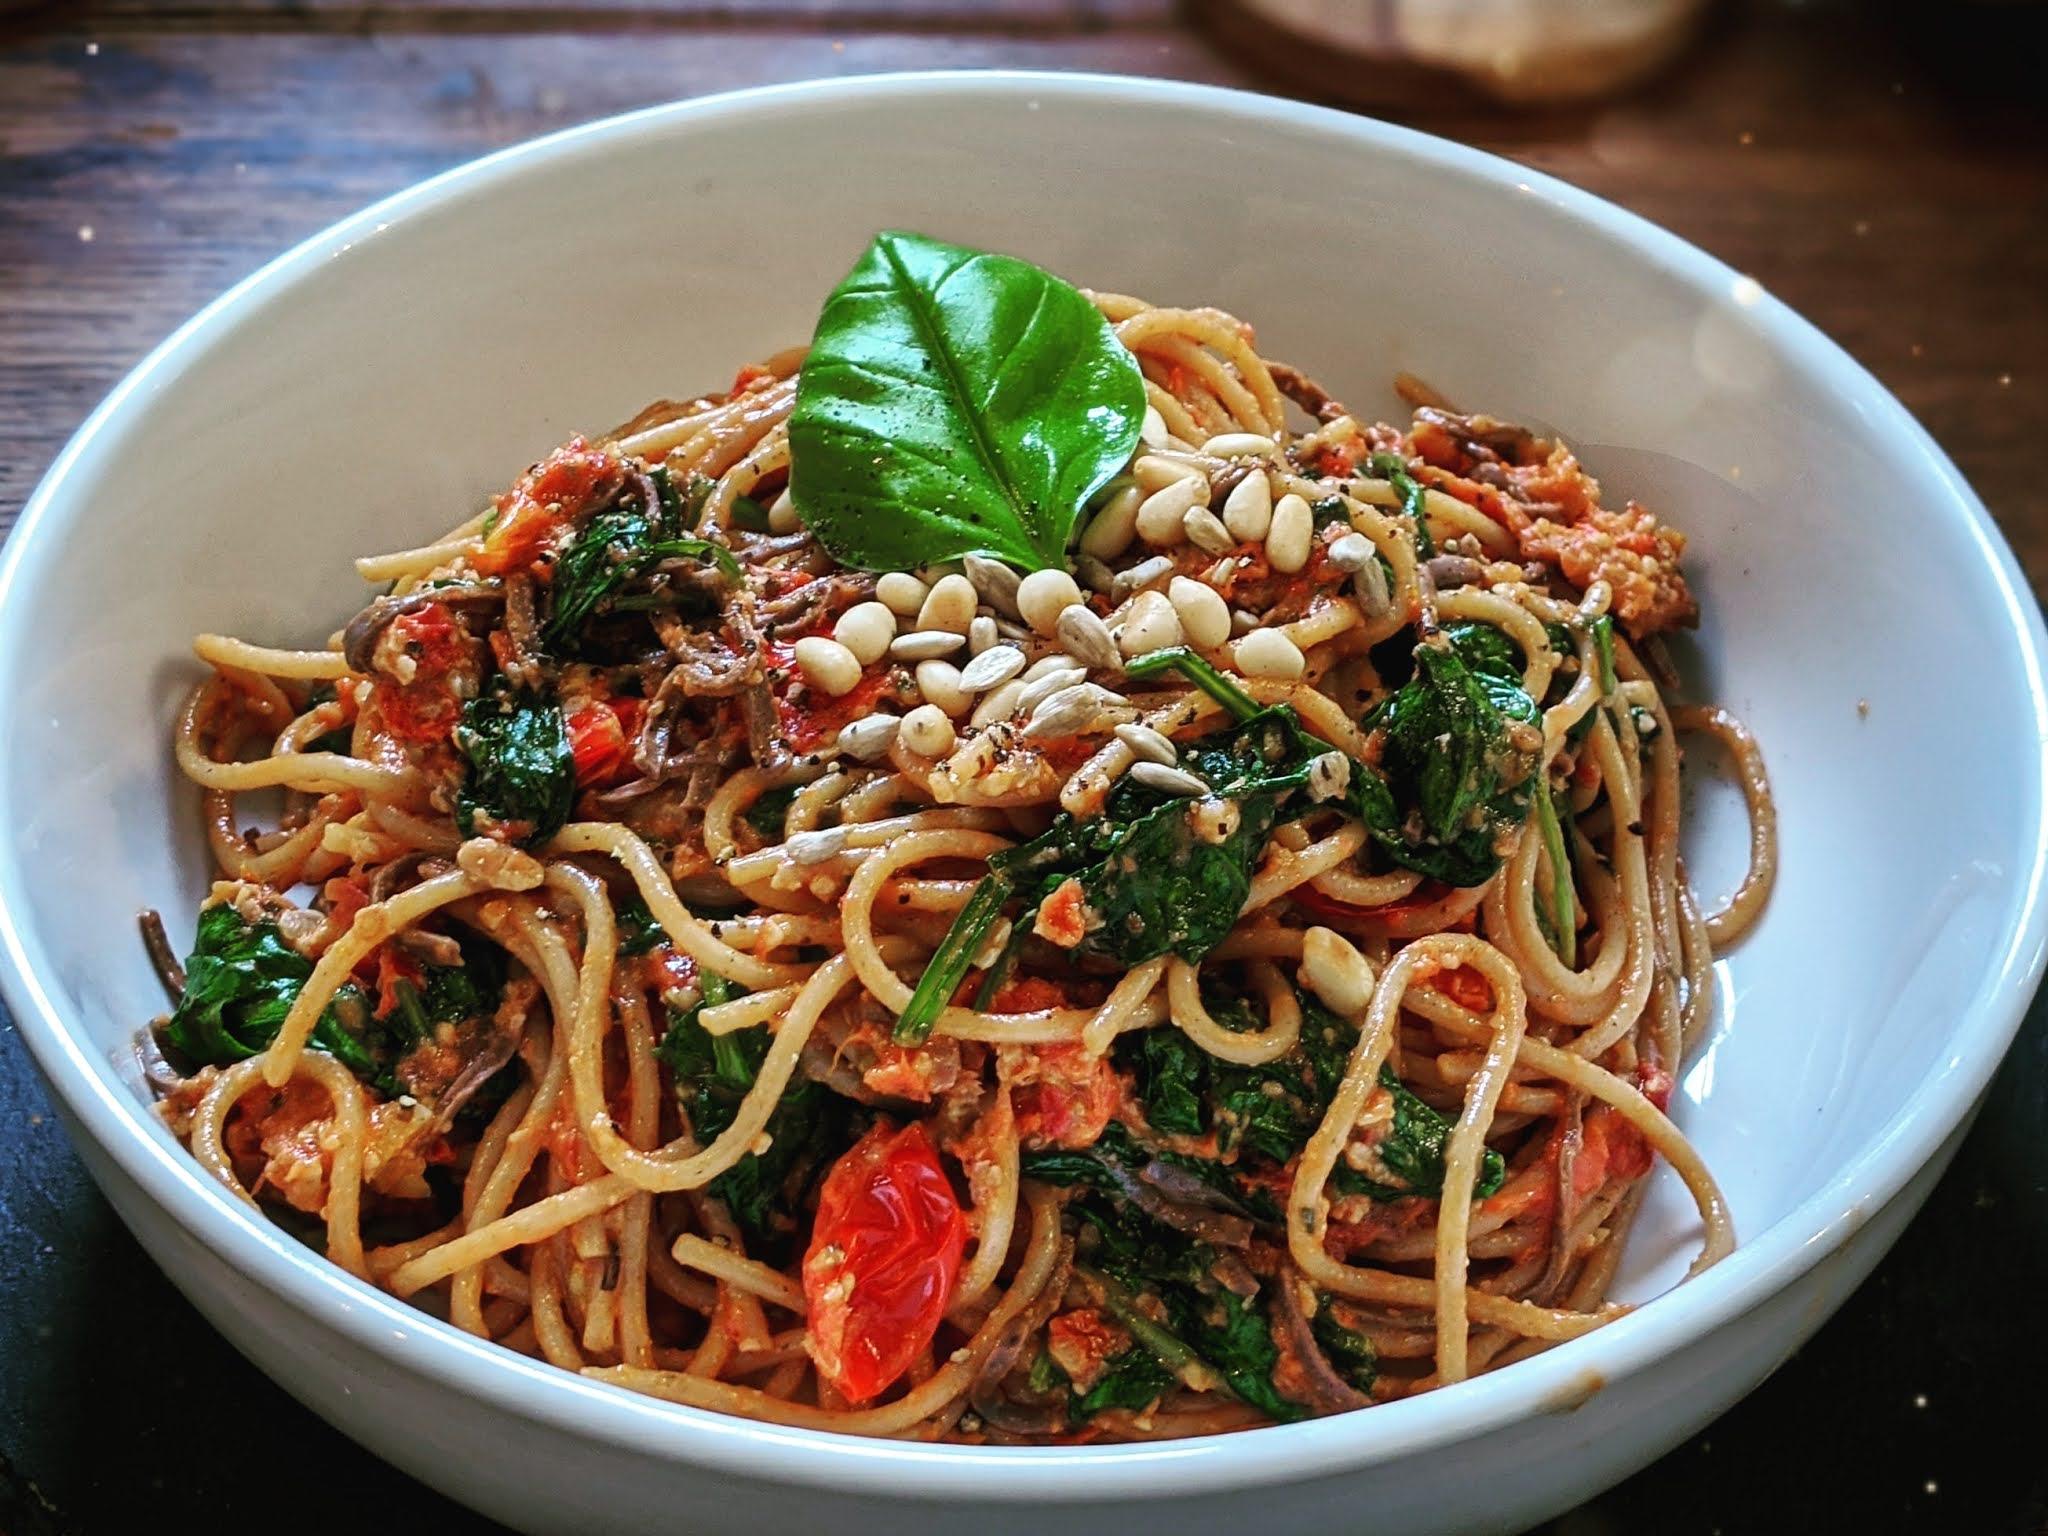 Vegan sun-dried tomato spaghetti littlepackofvegans